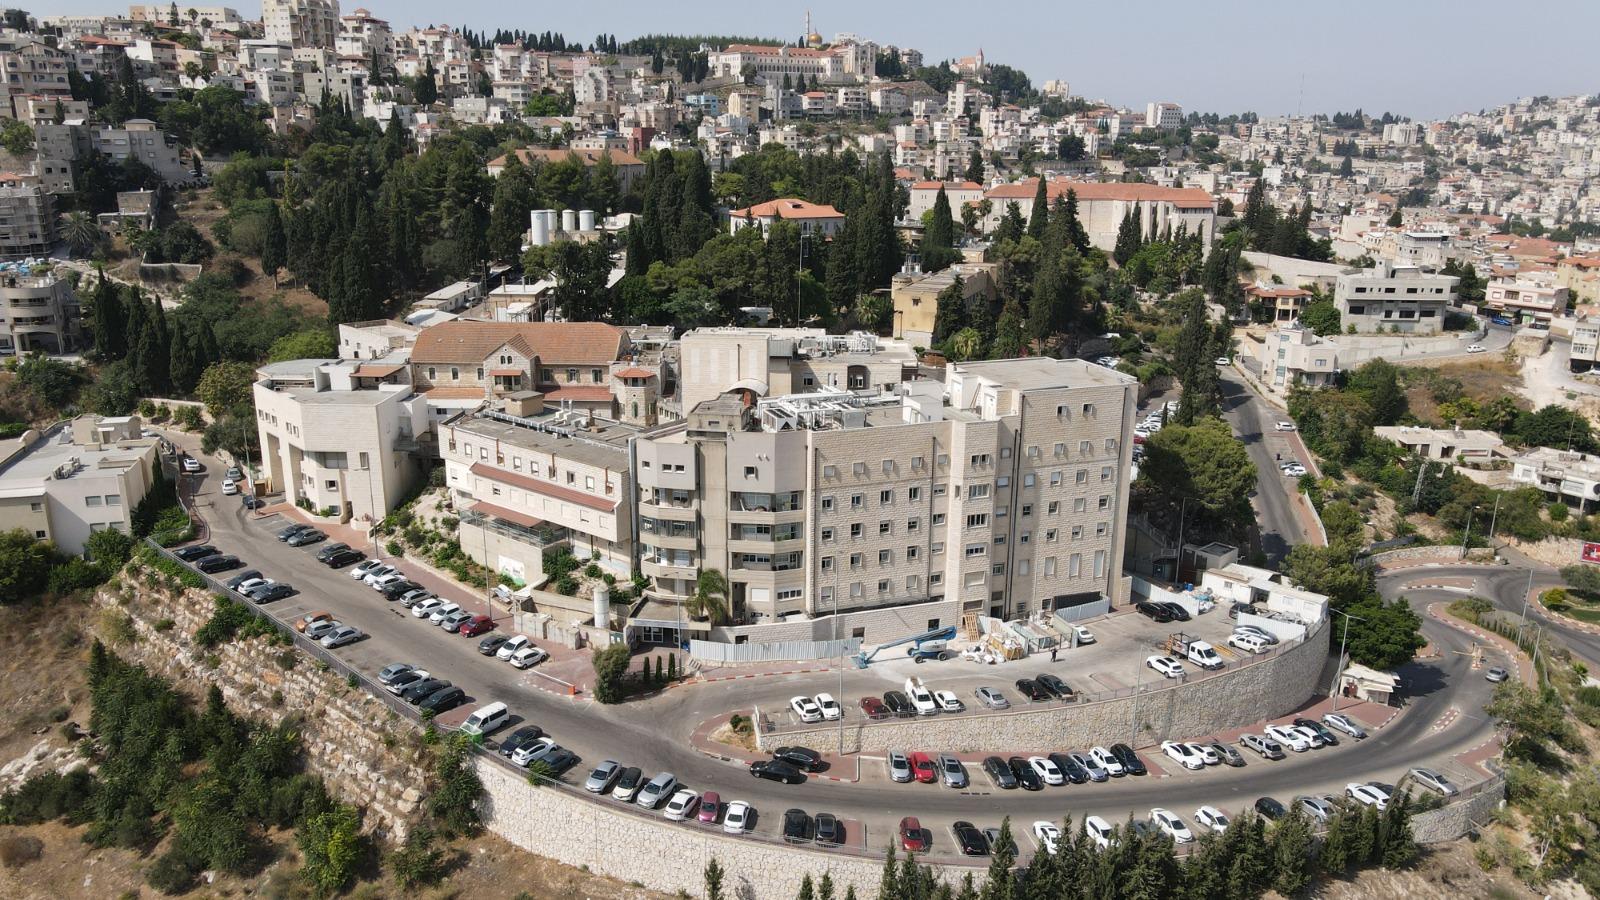 مستشفى الناصرة الانجليزي يتصدر قائمة المستشفيات في النموذج المحفز لمنع العدوى لسنة 2020